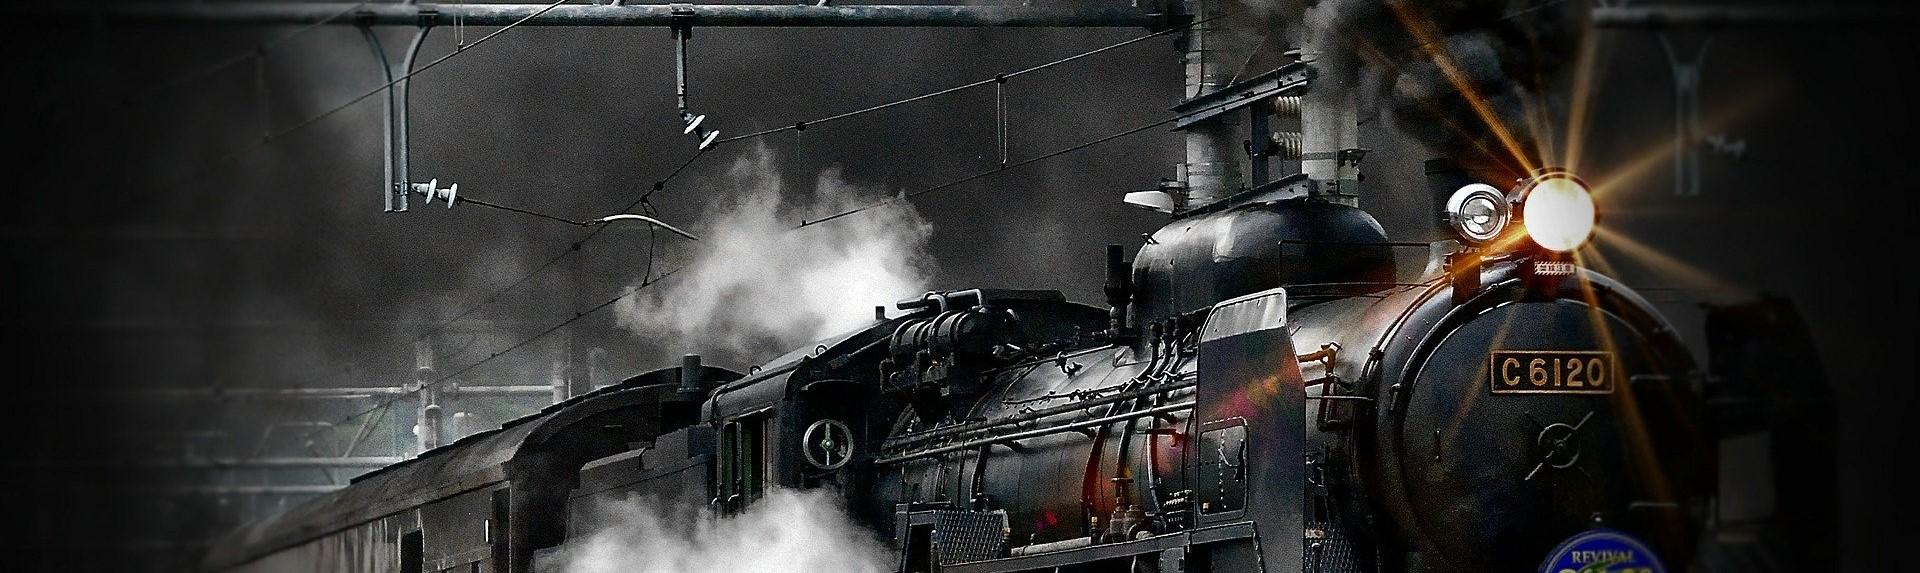 Elokuun tilinpäätös – juna kulkee vaan